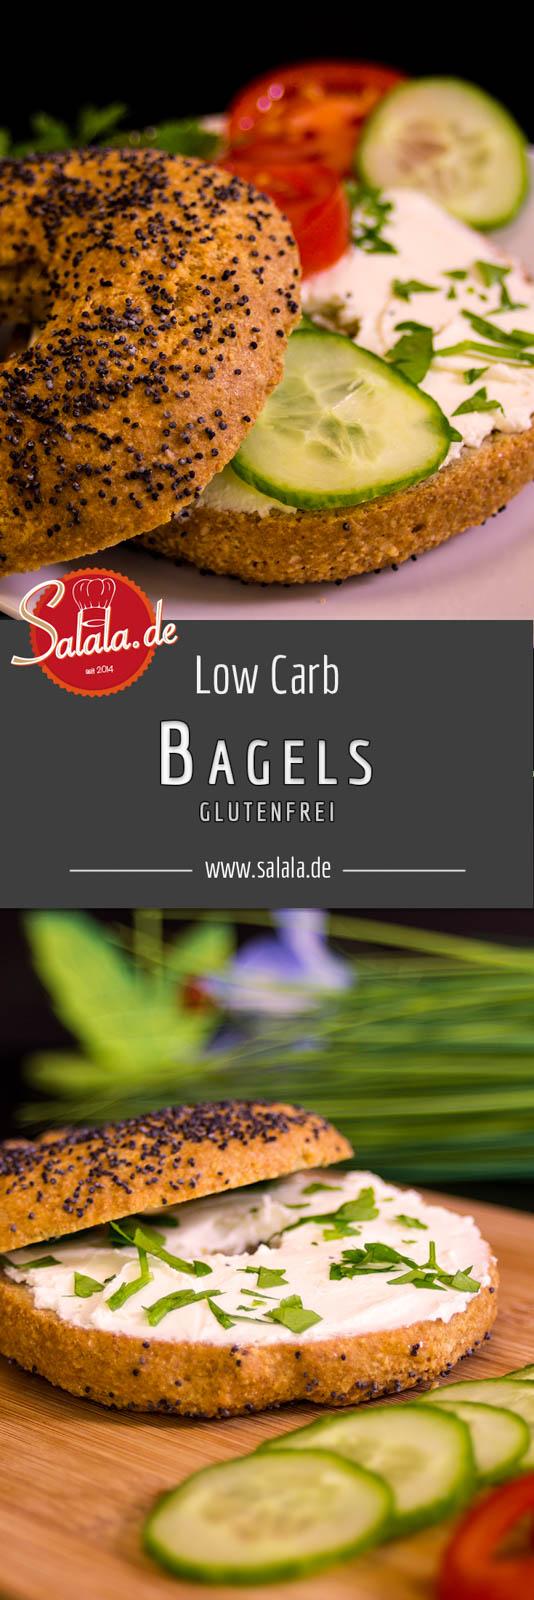 Bagels Rezept glutenfrei und Low Carb ohne Mandelmehl